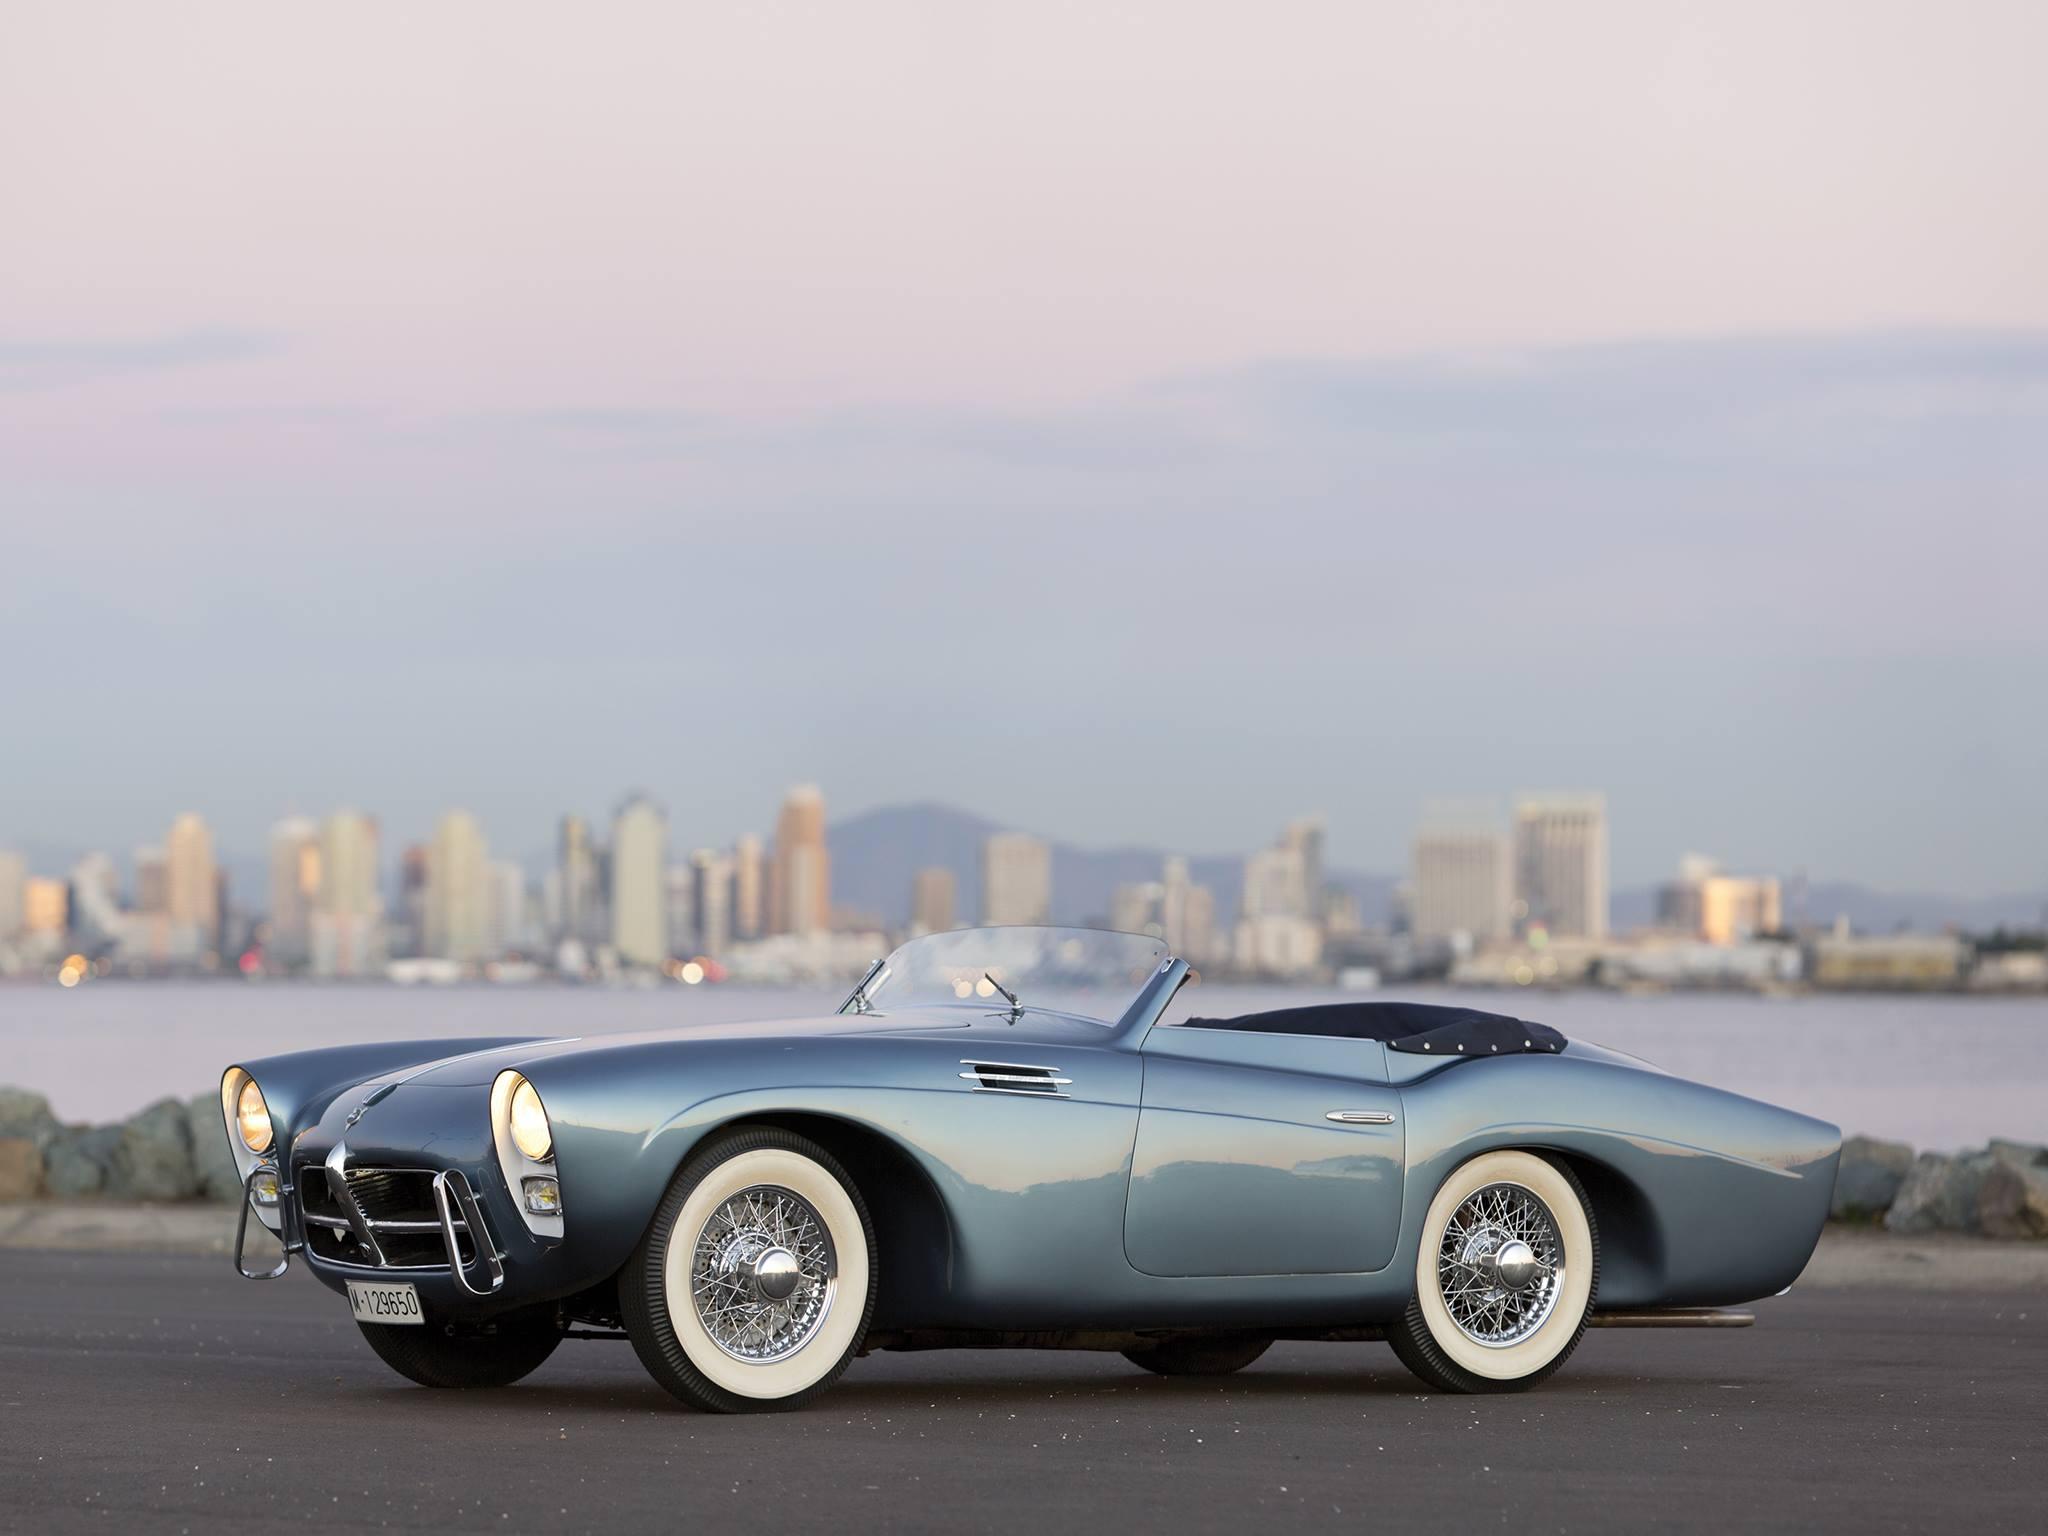 Pegaso-Z-102-Series-II-Cabriolet-1954-V8-